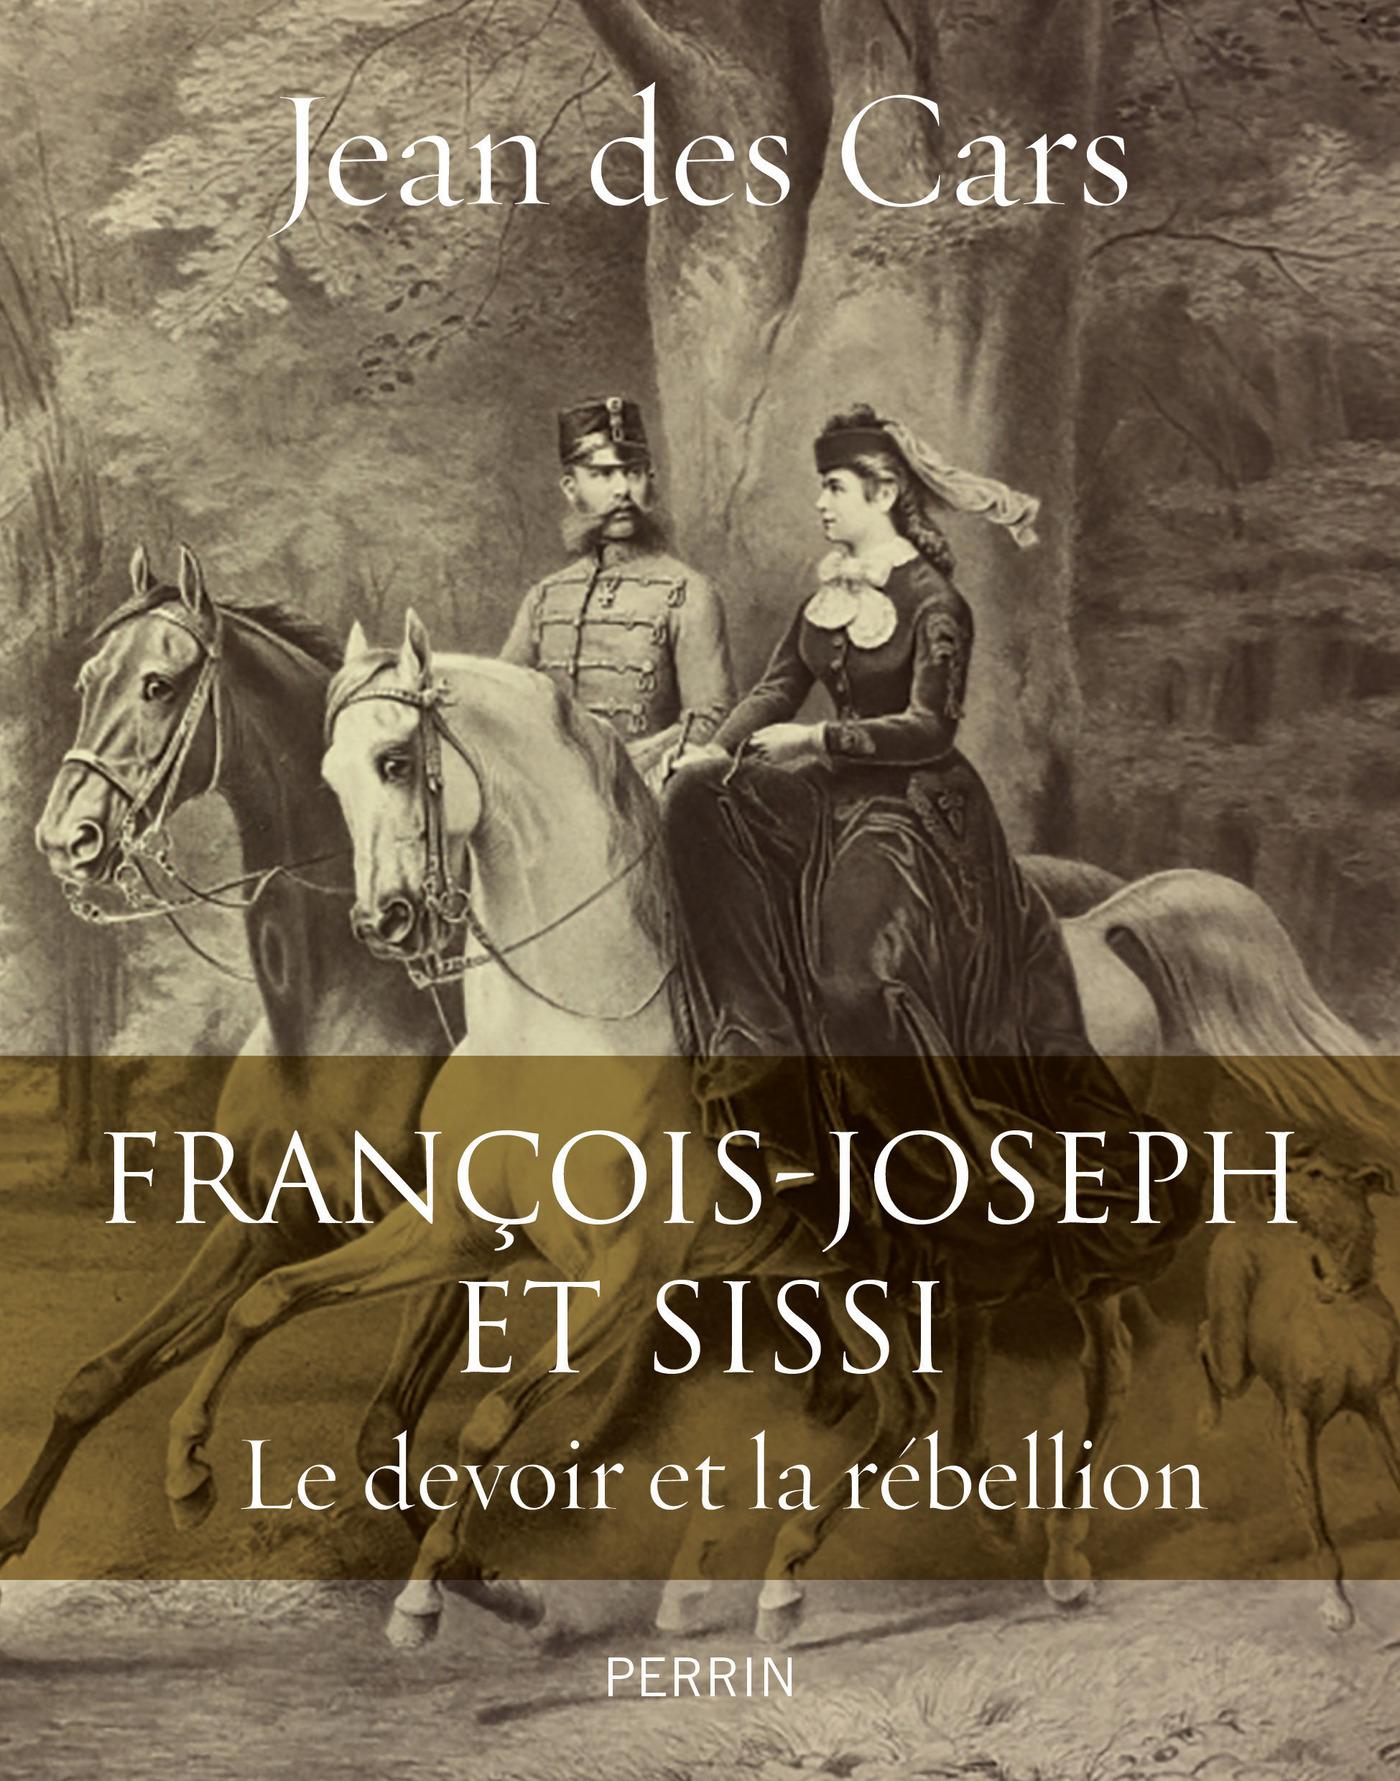 Fran?ois-Joseph et Sissi